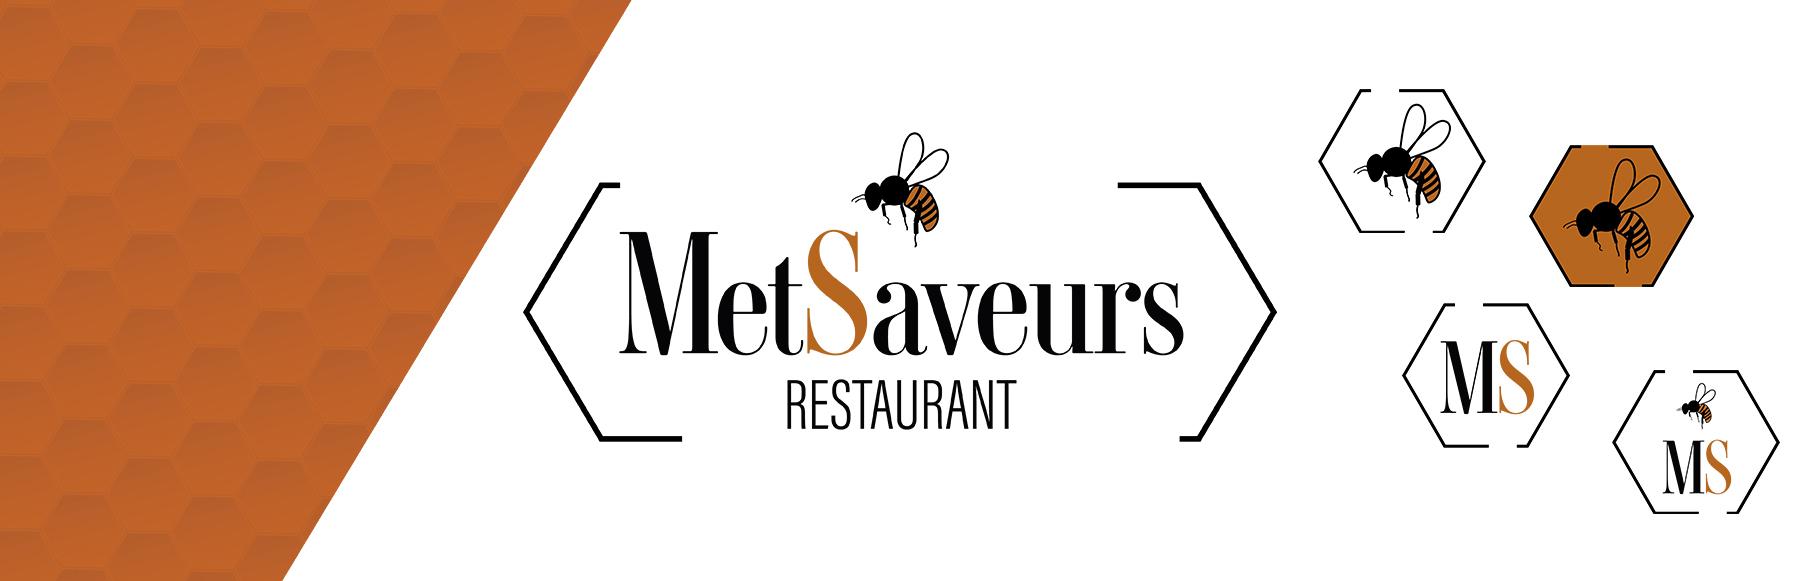 Cette image représente le logo du restaurant MetSaveurs et ses déclinaisons